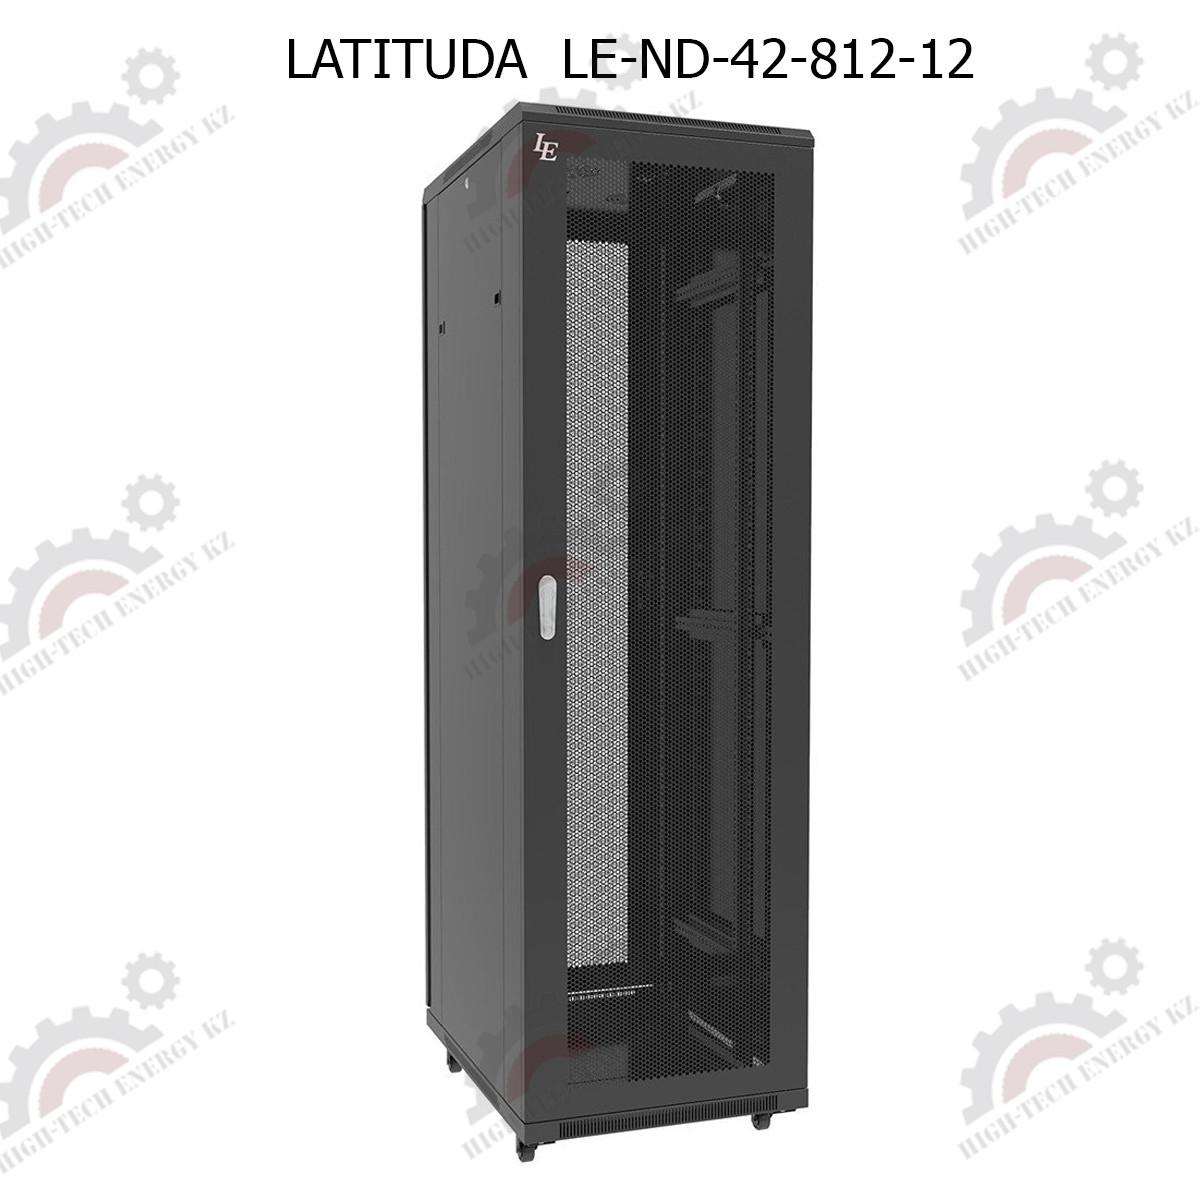 Шкаф серверный напольный 42U,800*1200*1958,двери передняя одностворчатая,задняя двухстворчатая перфорированные